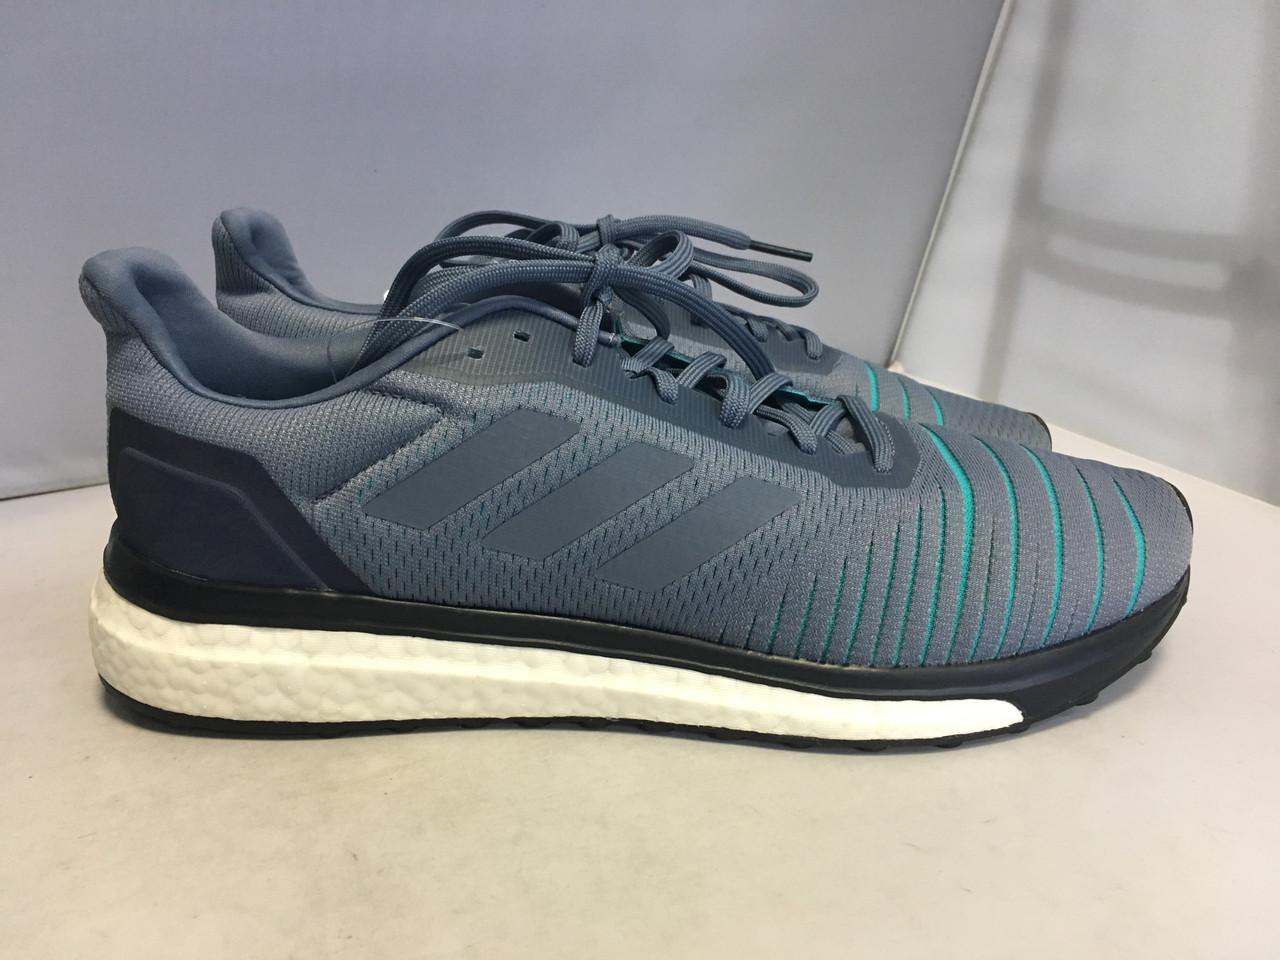 Мужские кроссовки Adidas Solar Drive, 46 размер